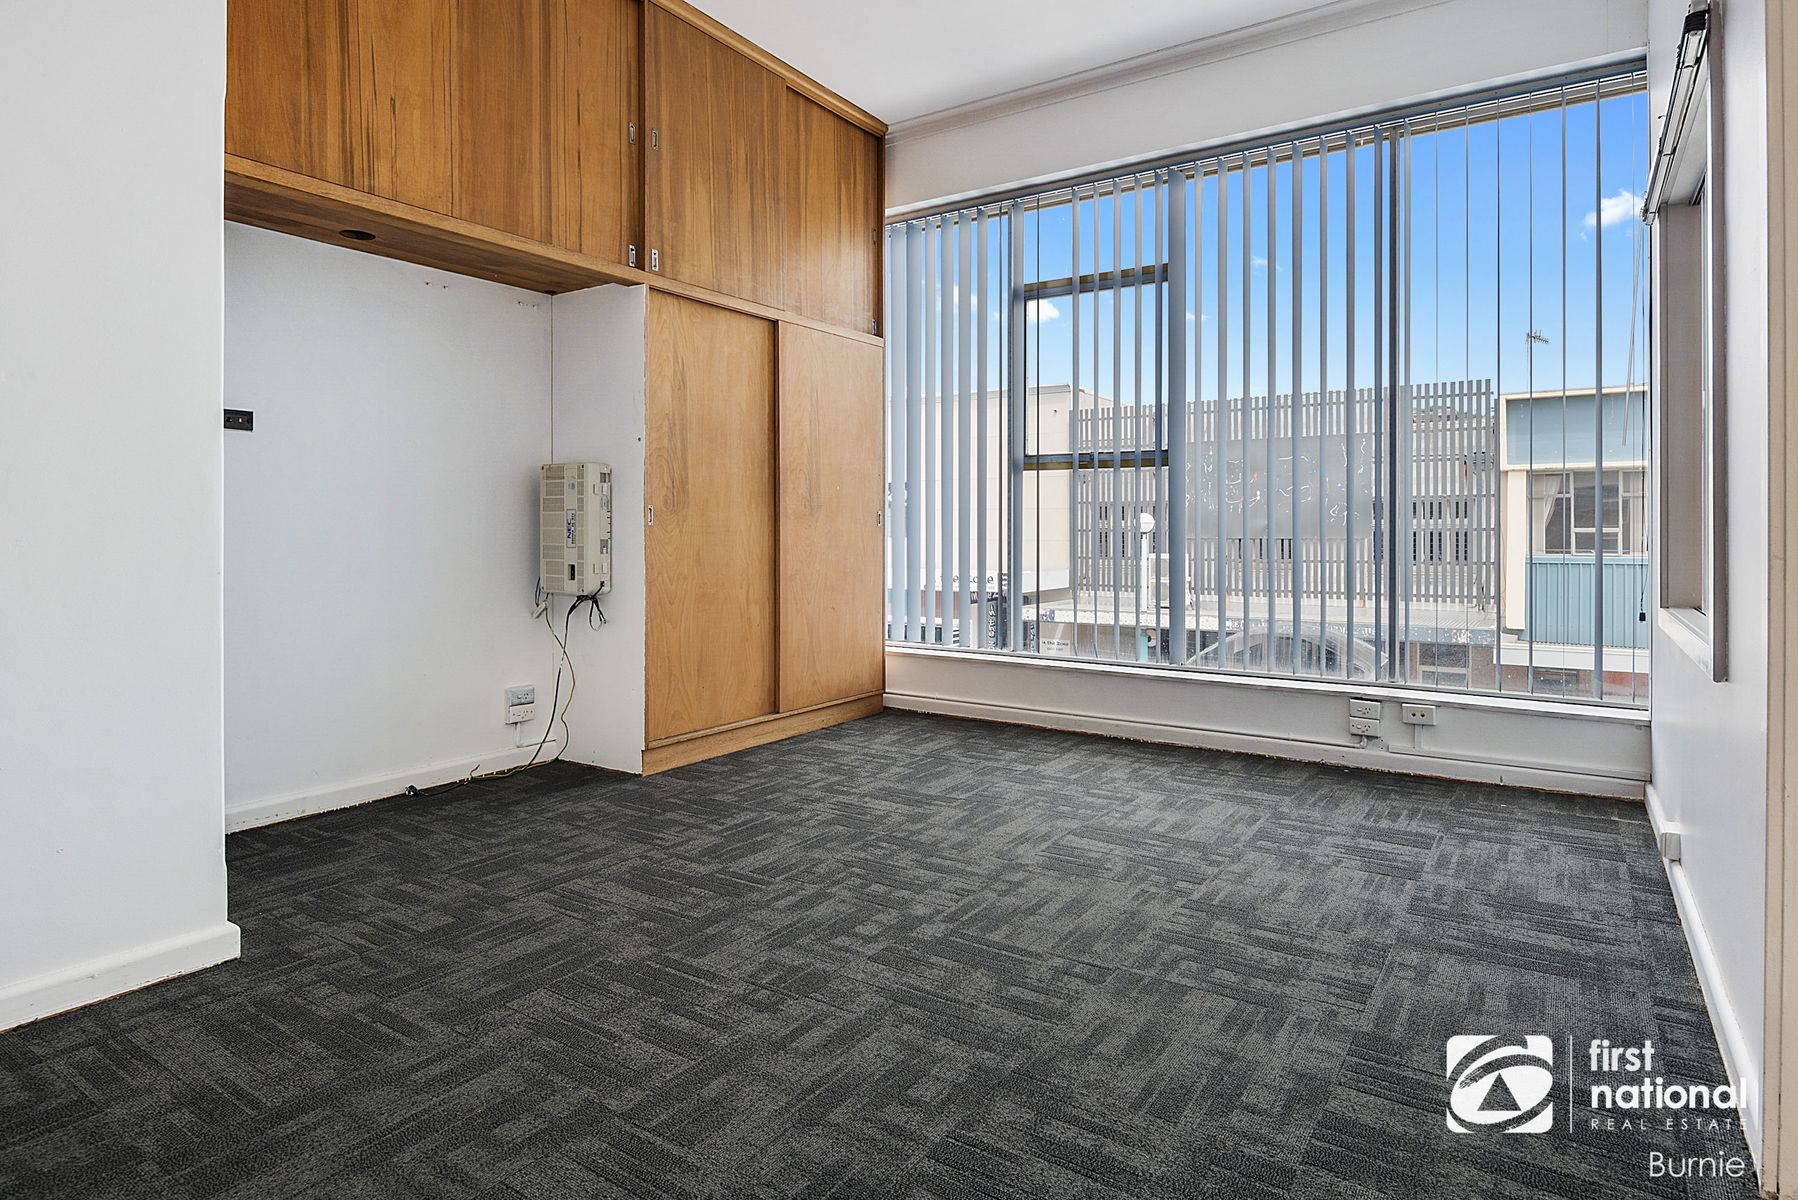 Suites 2-3/13 Wilson Street, Burnie, TAS 7320